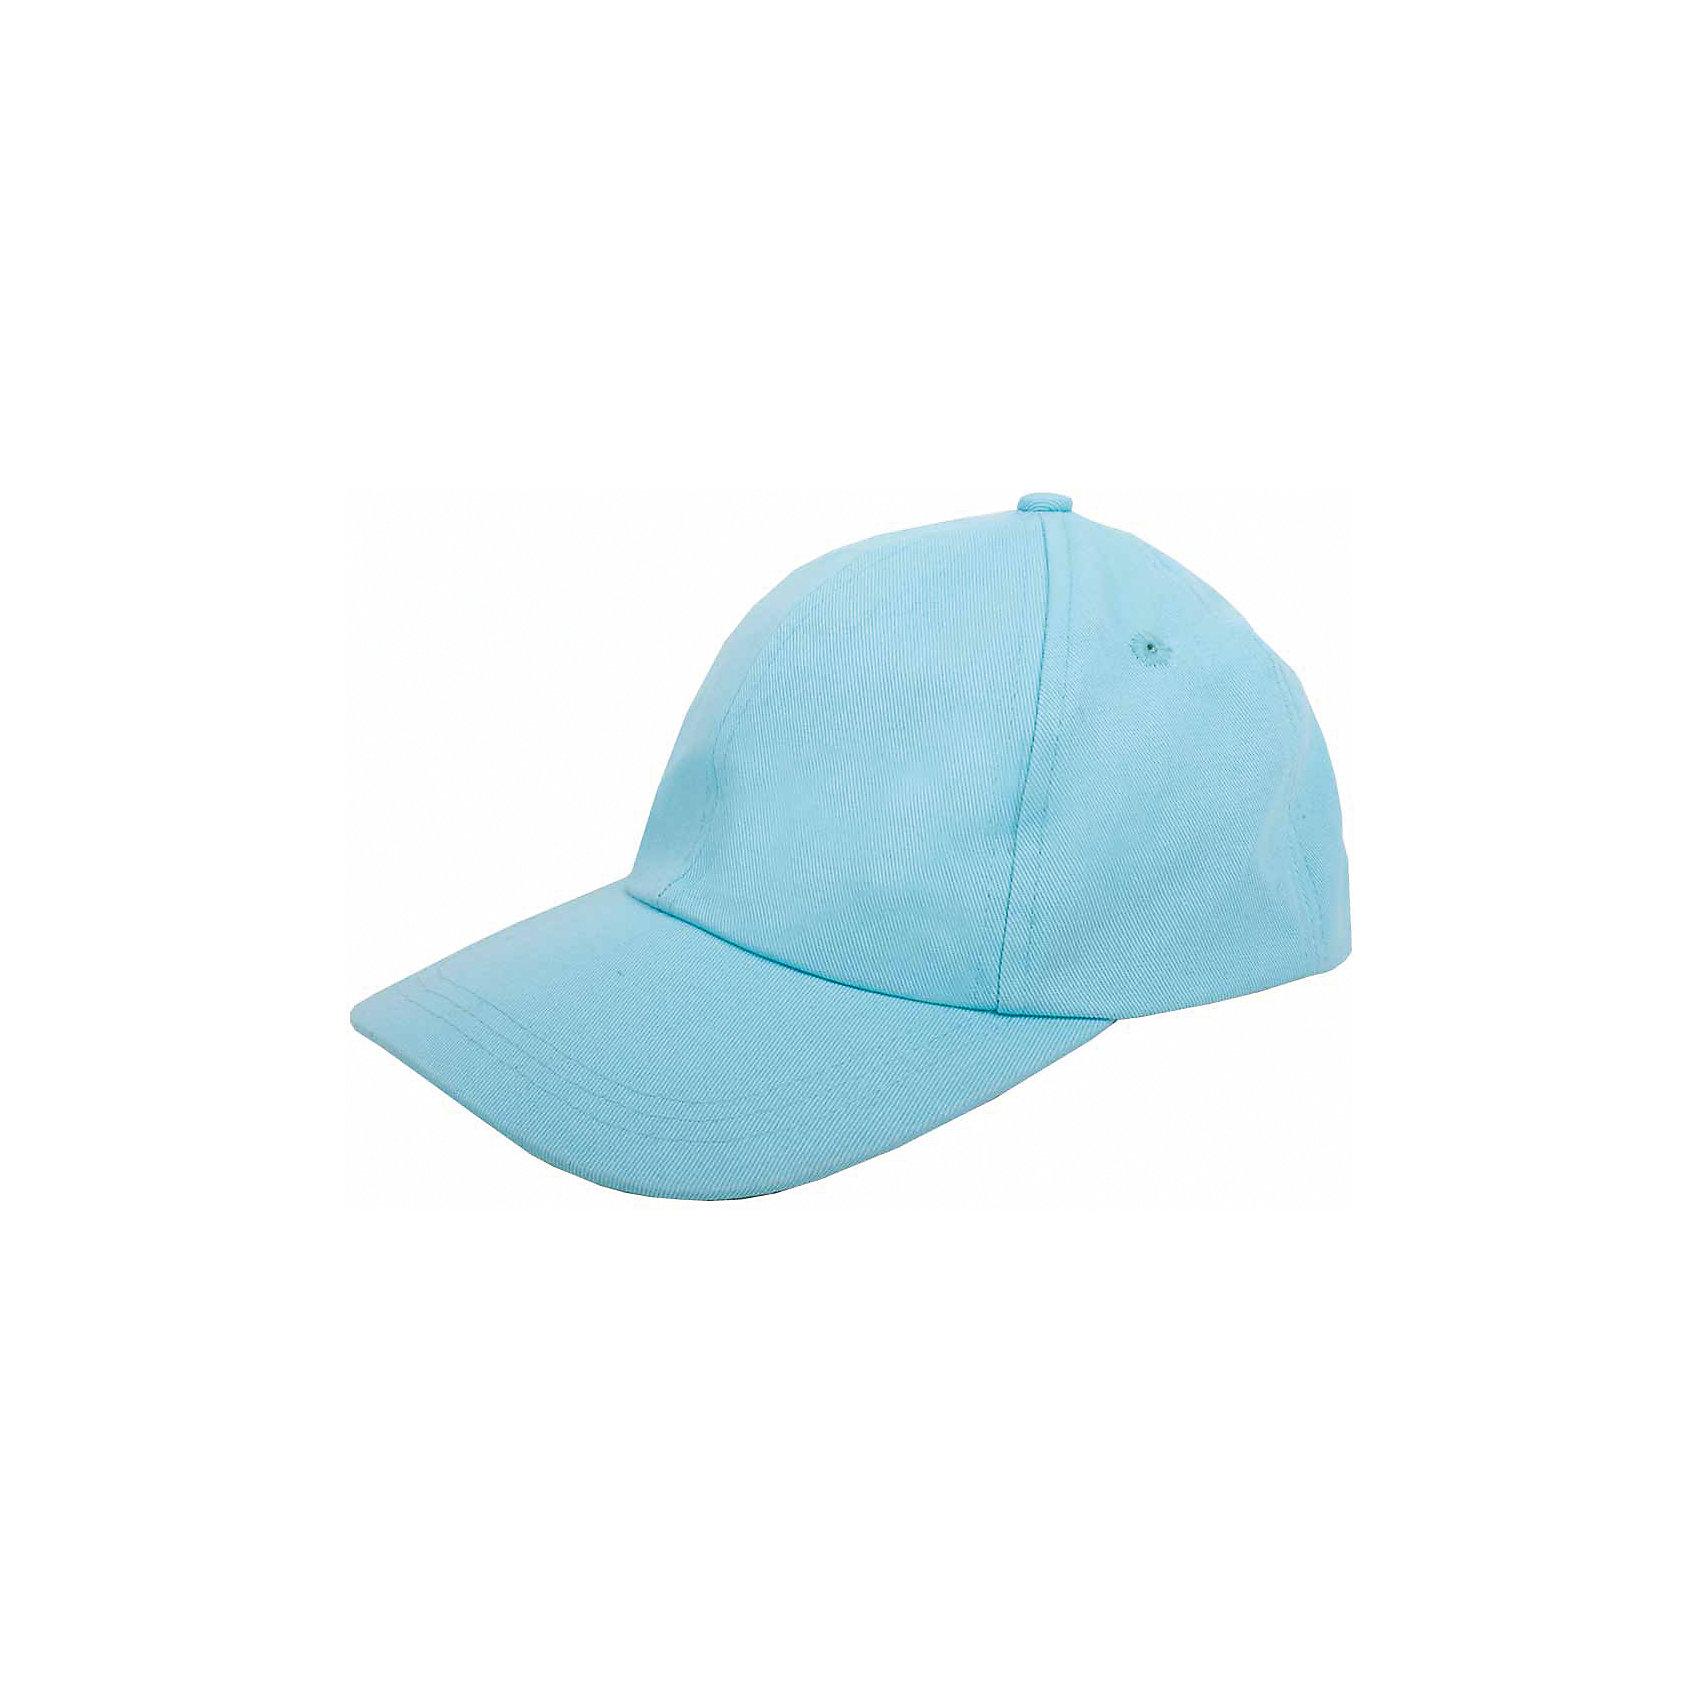 Кепка для девочки  BUTTON BLUEГоловные уборы<br>Кепка для девочки  BUTTON BLUE<br>Яркие бейсболки - важный атрибут повседневного детского гардероба! Они отлично защищают от солнца, а также украшают и завершают летний комплект. У них один недостаток: бейсболки часто теряются. Их забывают в парке, на пляже, поэтому бейсболки надо покупать по доступной цене. Купить недорого бейсболку для девочки от Button Blue, значит, позаботиться о здоровье, красоте и комфорте ребенка.<br>Состав:<br>100%  хлопок<br><br>Ширина мм: 89<br>Глубина мм: 117<br>Высота мм: 44<br>Вес г: 155<br>Цвет: зеленый<br>Возраст от месяцев: 72<br>Возраст до месяцев: 84<br>Пол: Женский<br>Возраст: Детский<br>Размер: 54,50<br>SKU: 5523772